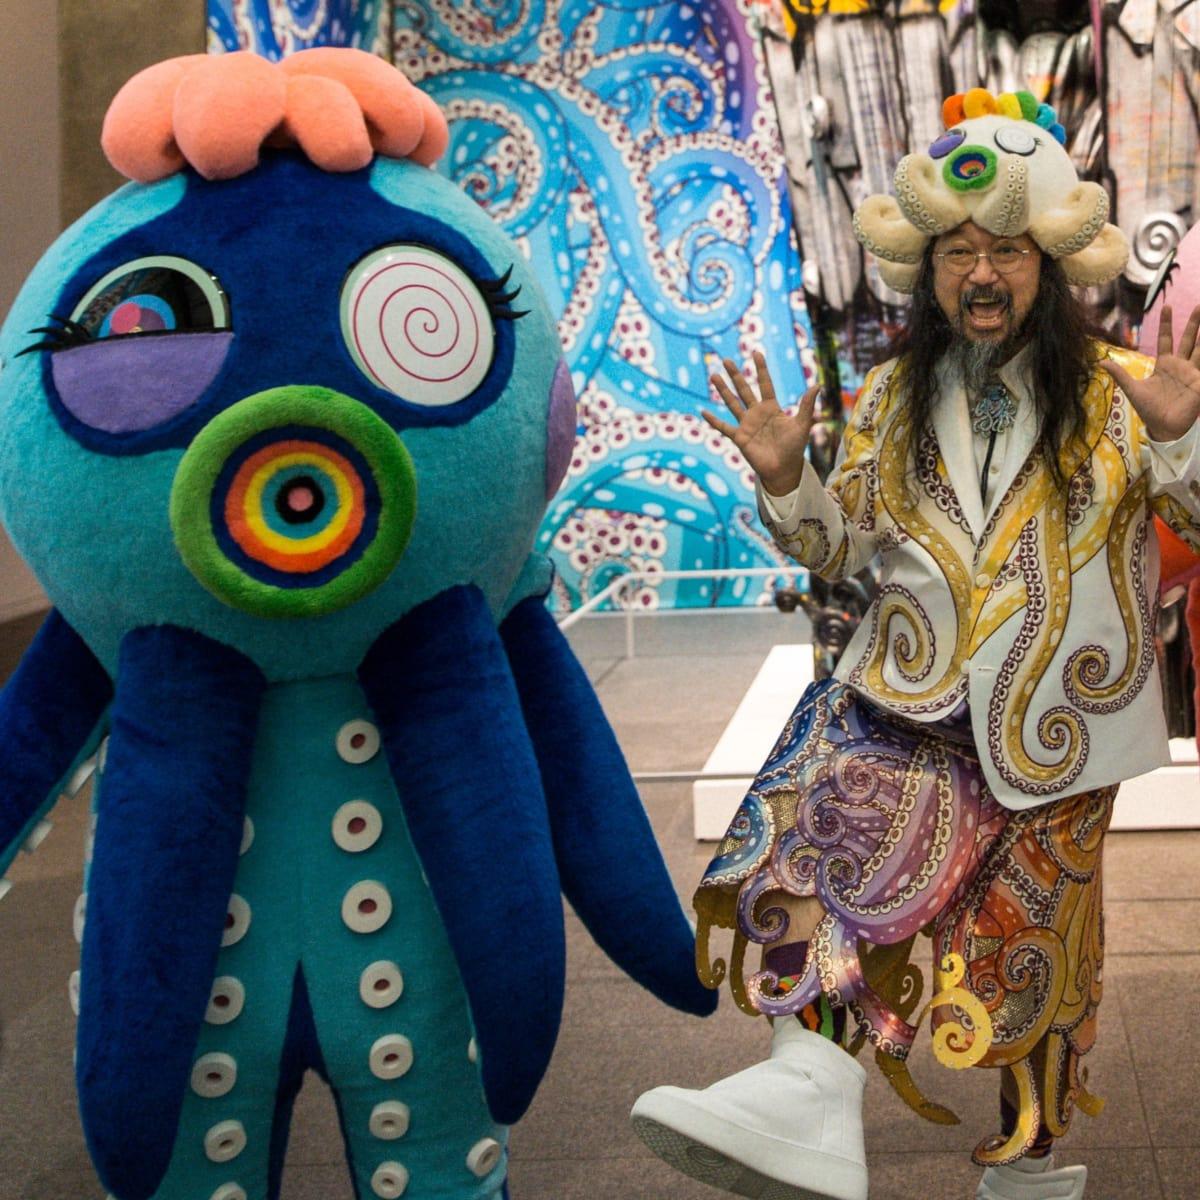 Takashi Murakami, Modern Art Museum of Fort Worth